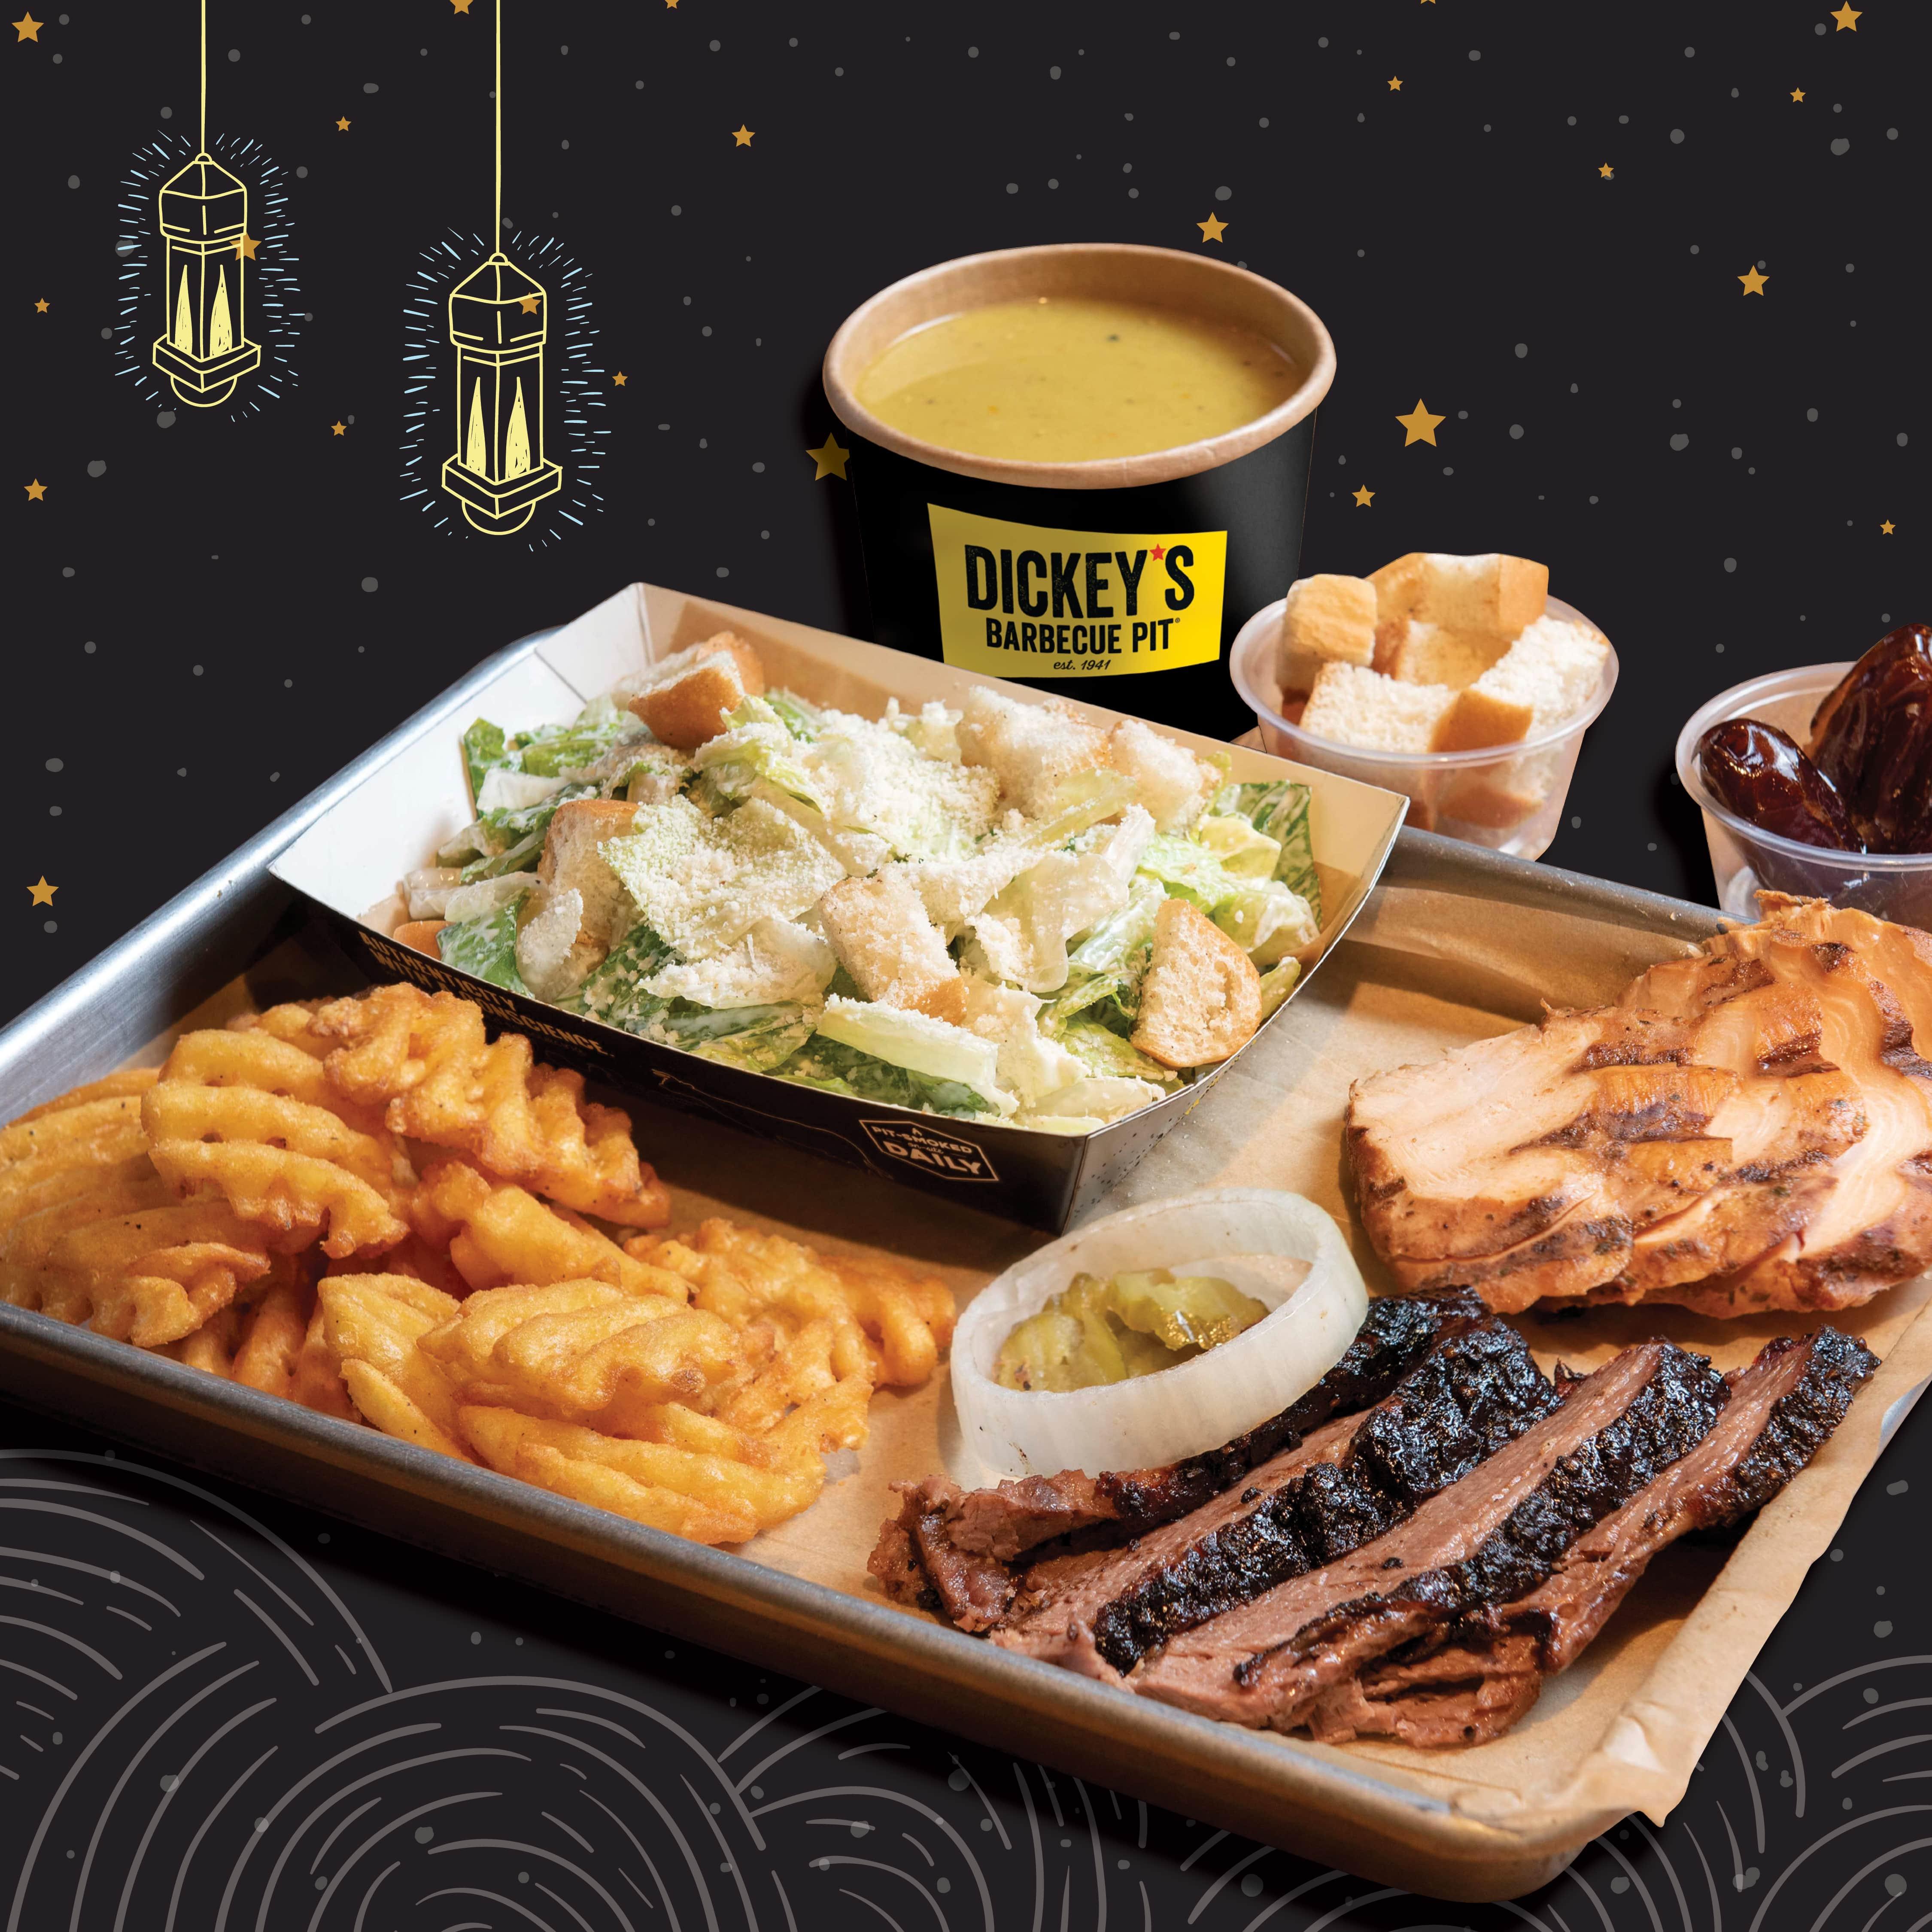 مطاعم ديكيز باربيكيو بيت دبي تقدم بوفيه إفطار رمضاني بسعر جد مناسب